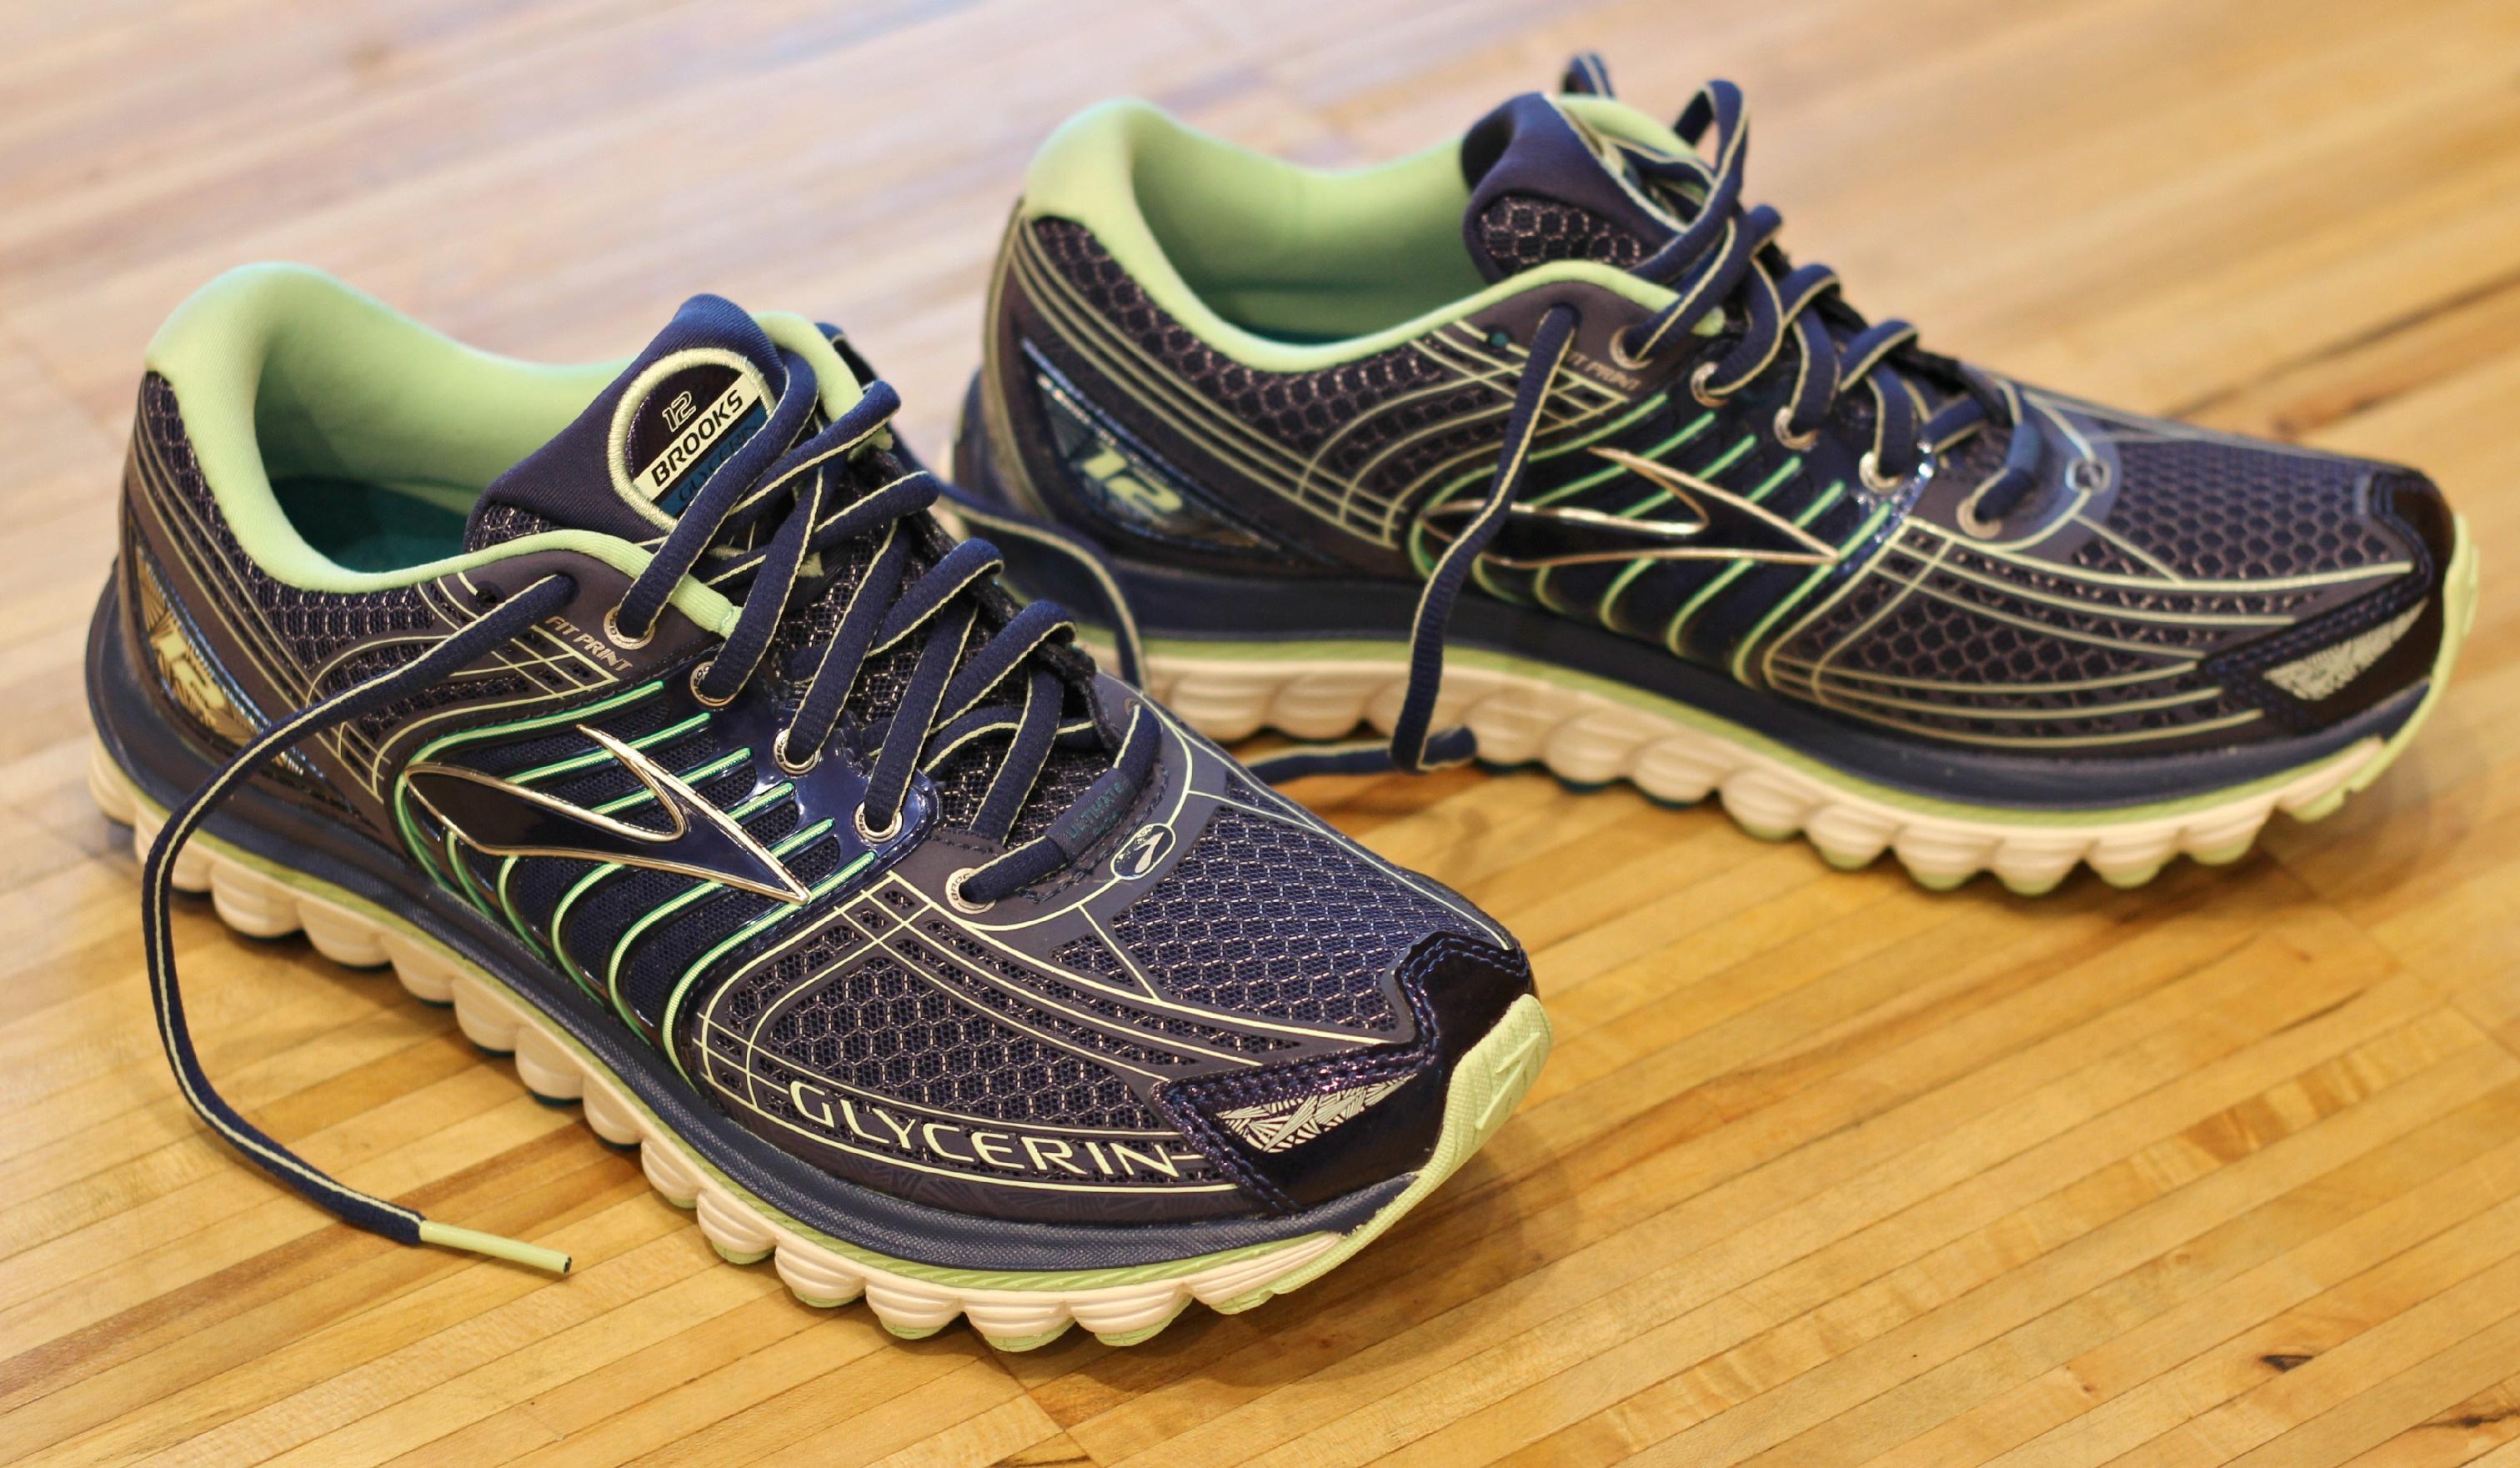 Laufschuhtest: Anna testet den Brooks Glycerin 12